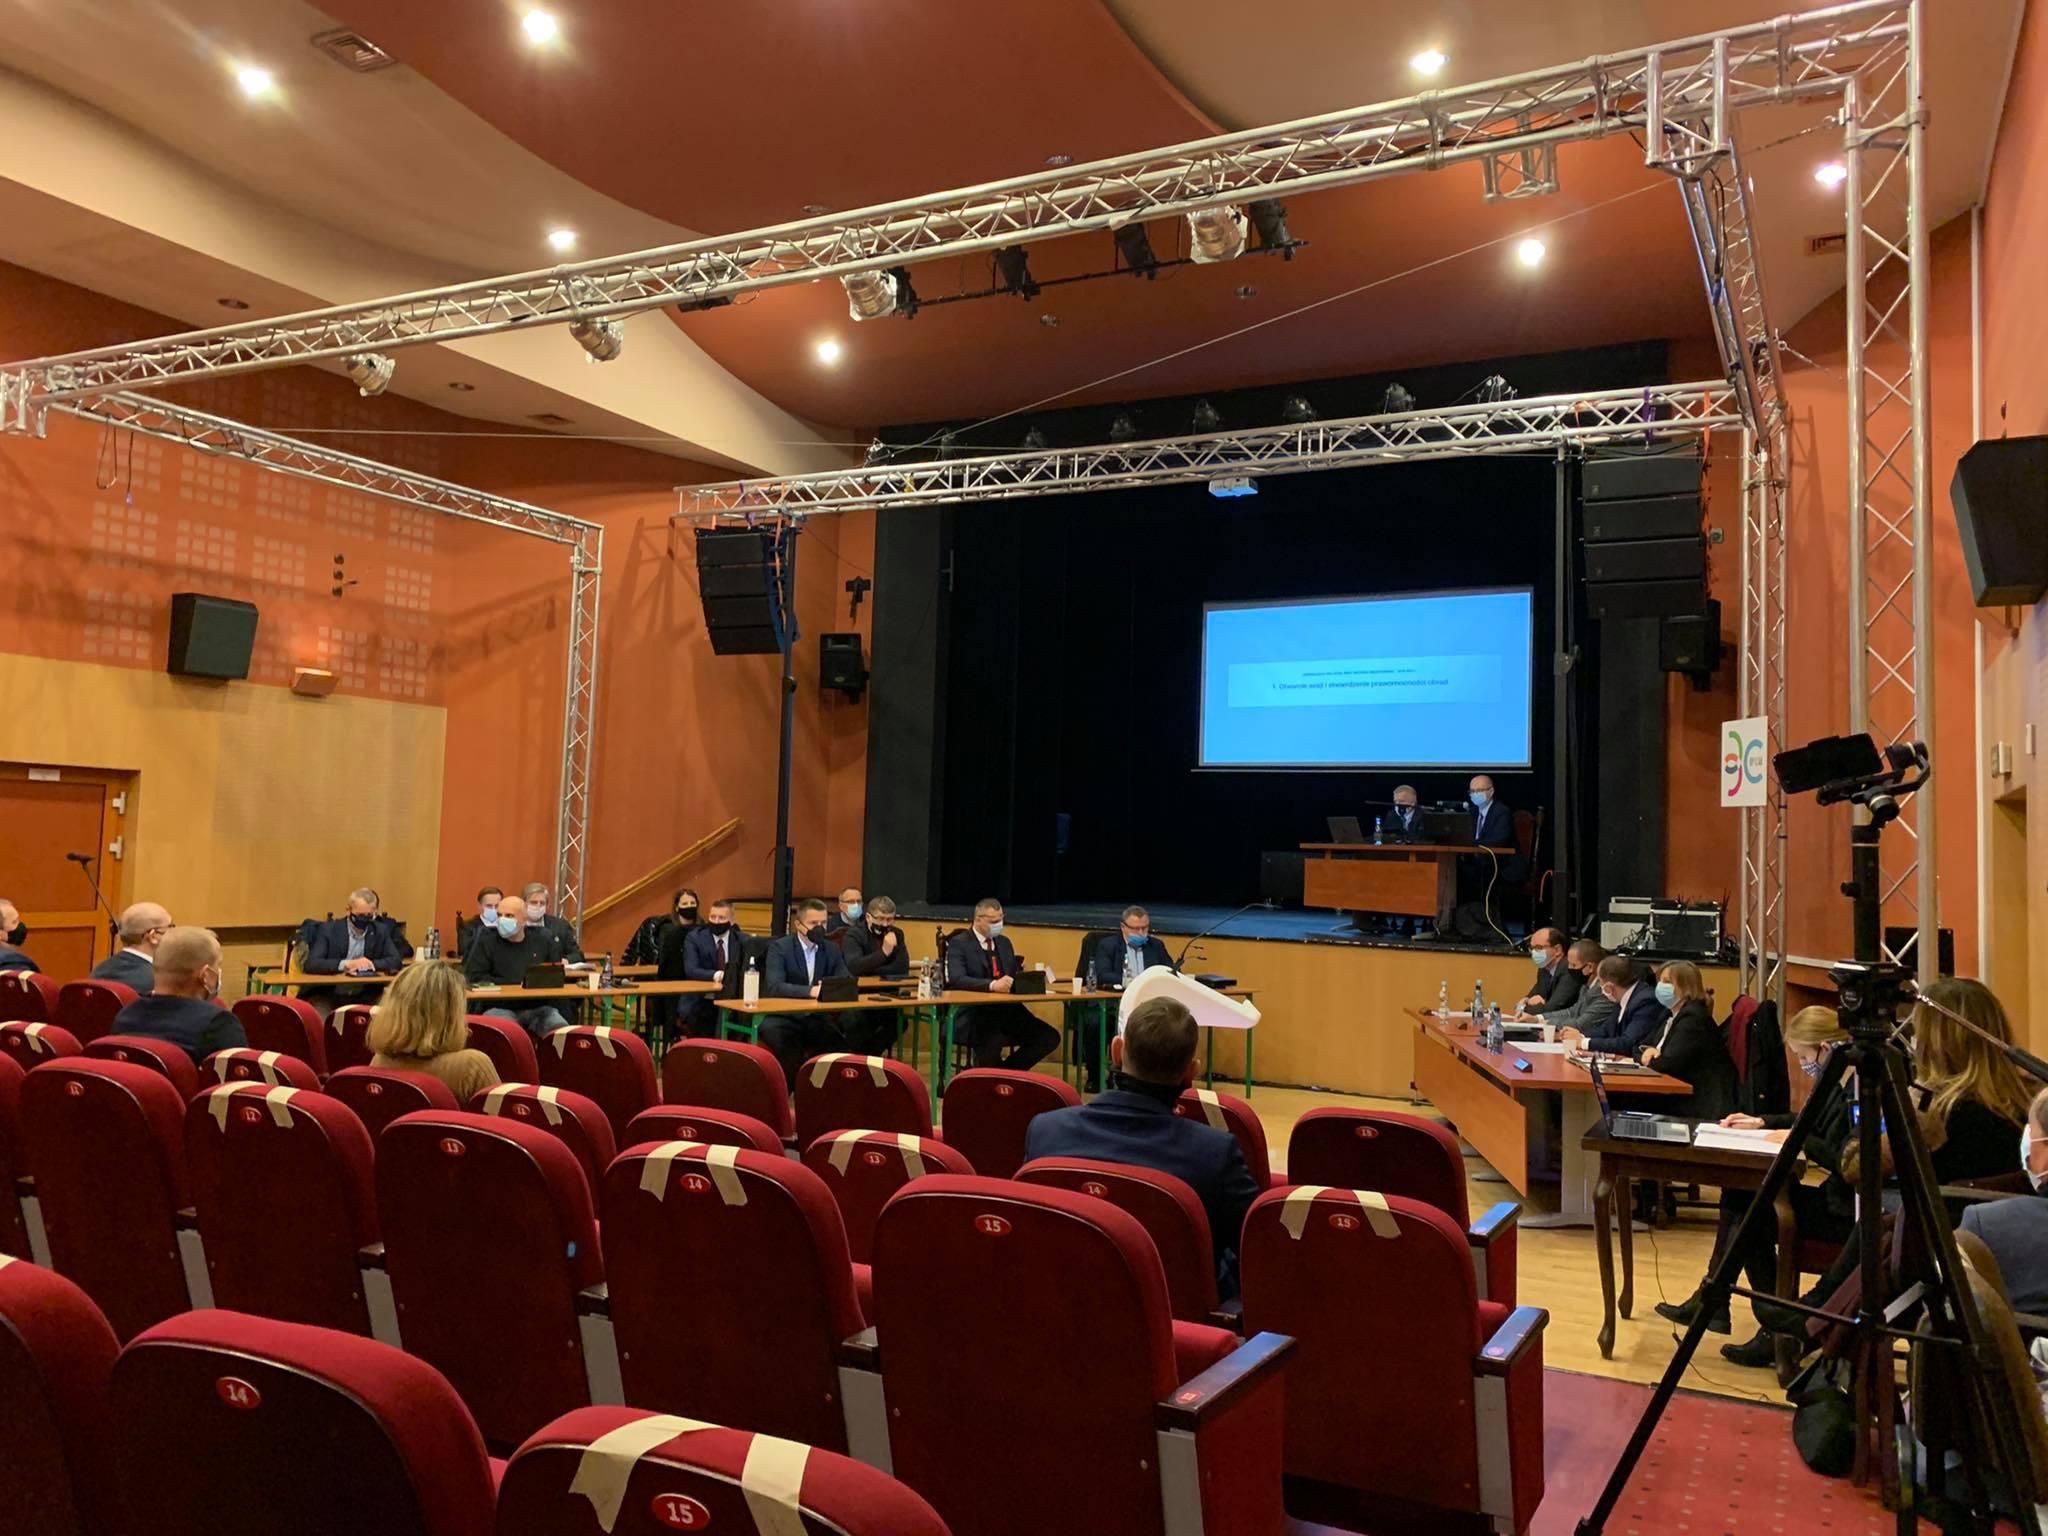 sesja rady miasta gorzyń - Kacper Witt